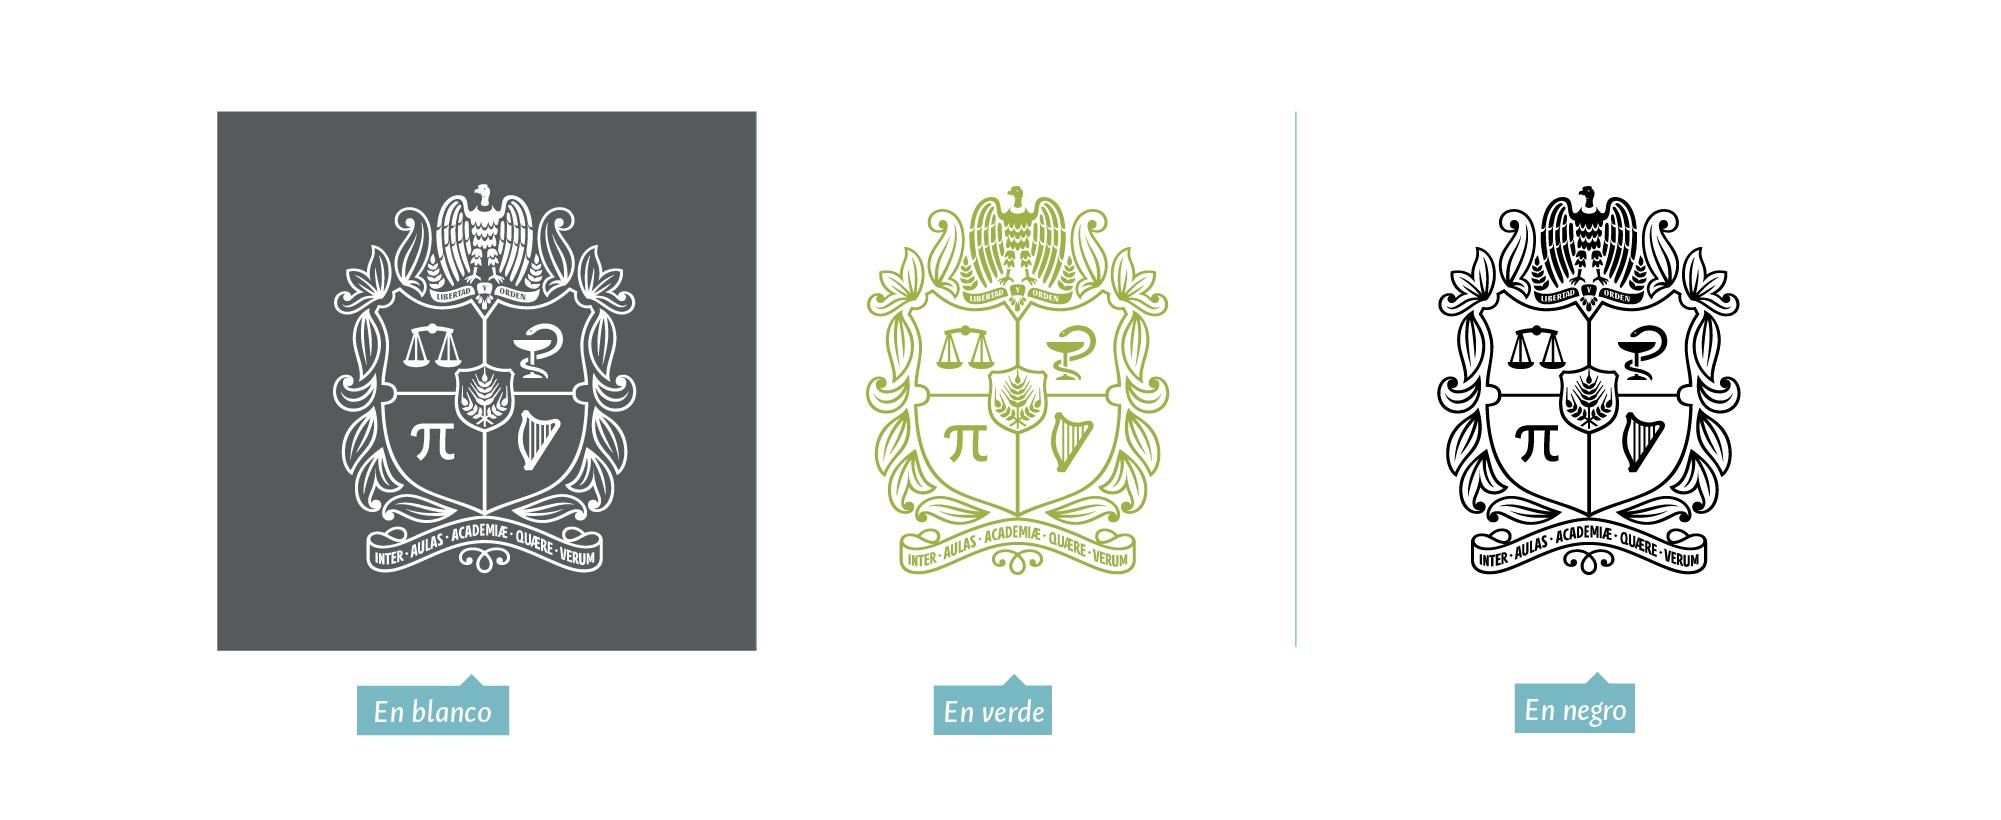 Versiones escudo institucional